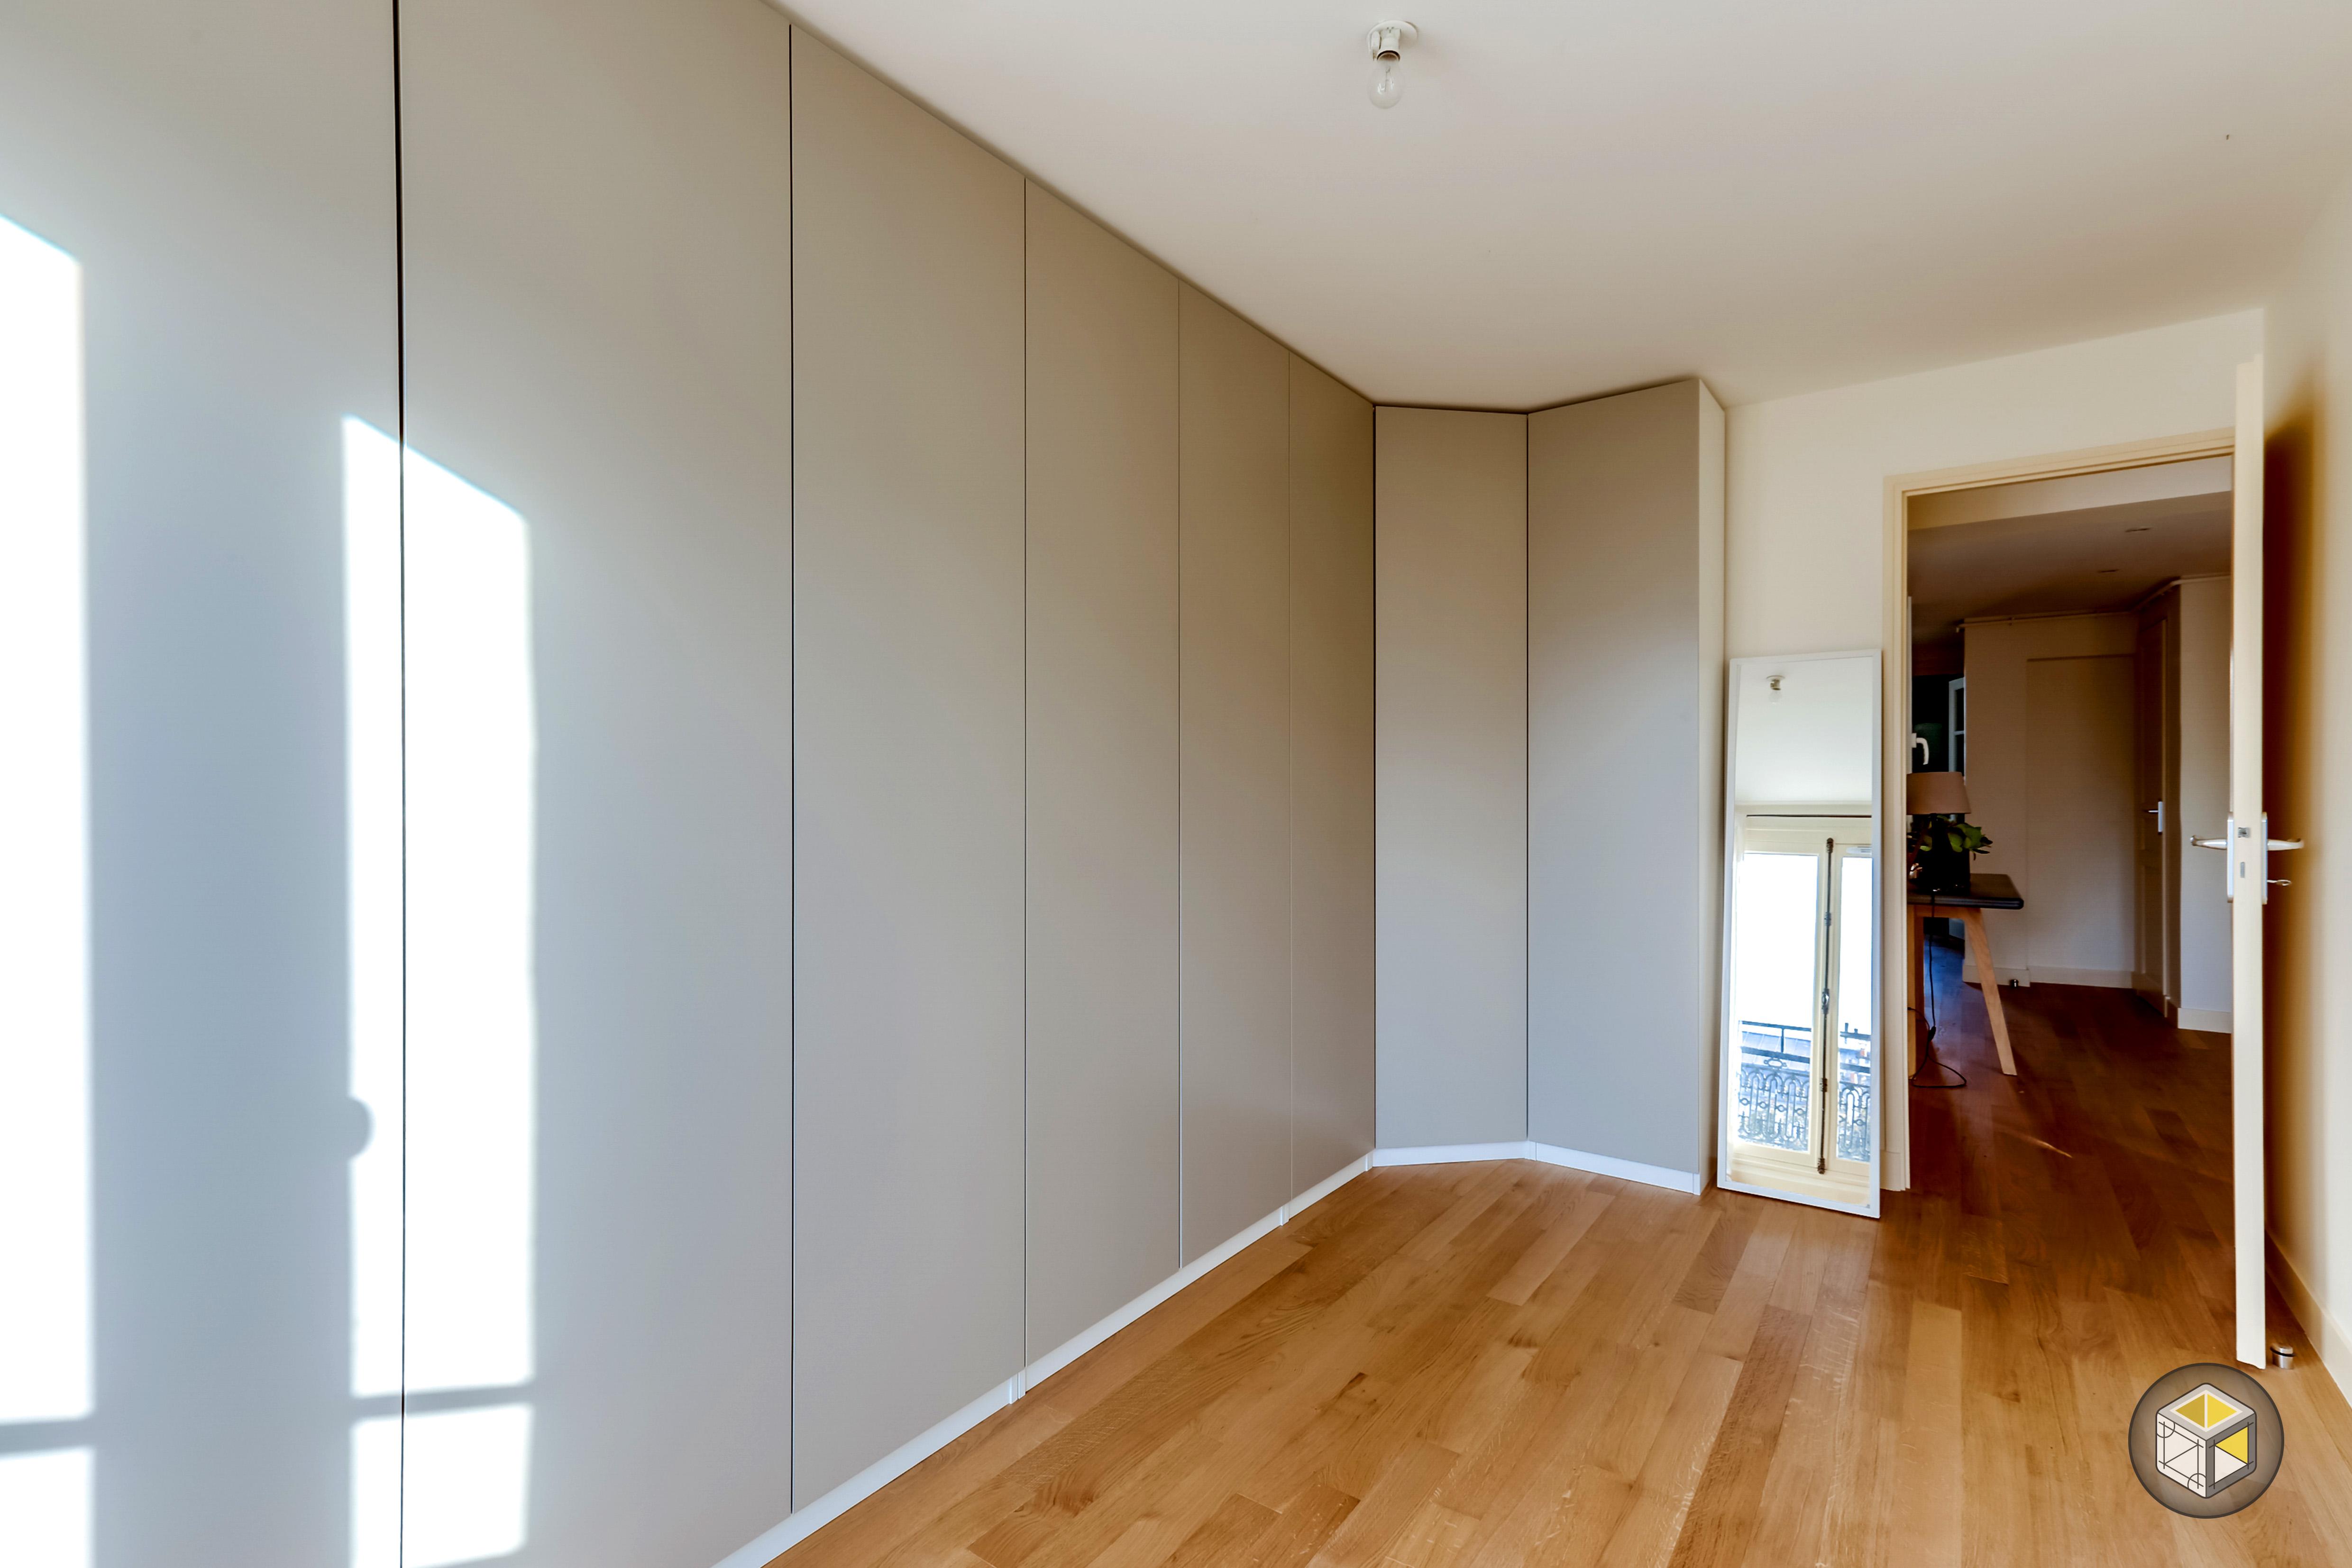 pose d 39 une cuisine et d 39 un dressing en 2 jours et demi r novateurs. Black Bedroom Furniture Sets. Home Design Ideas